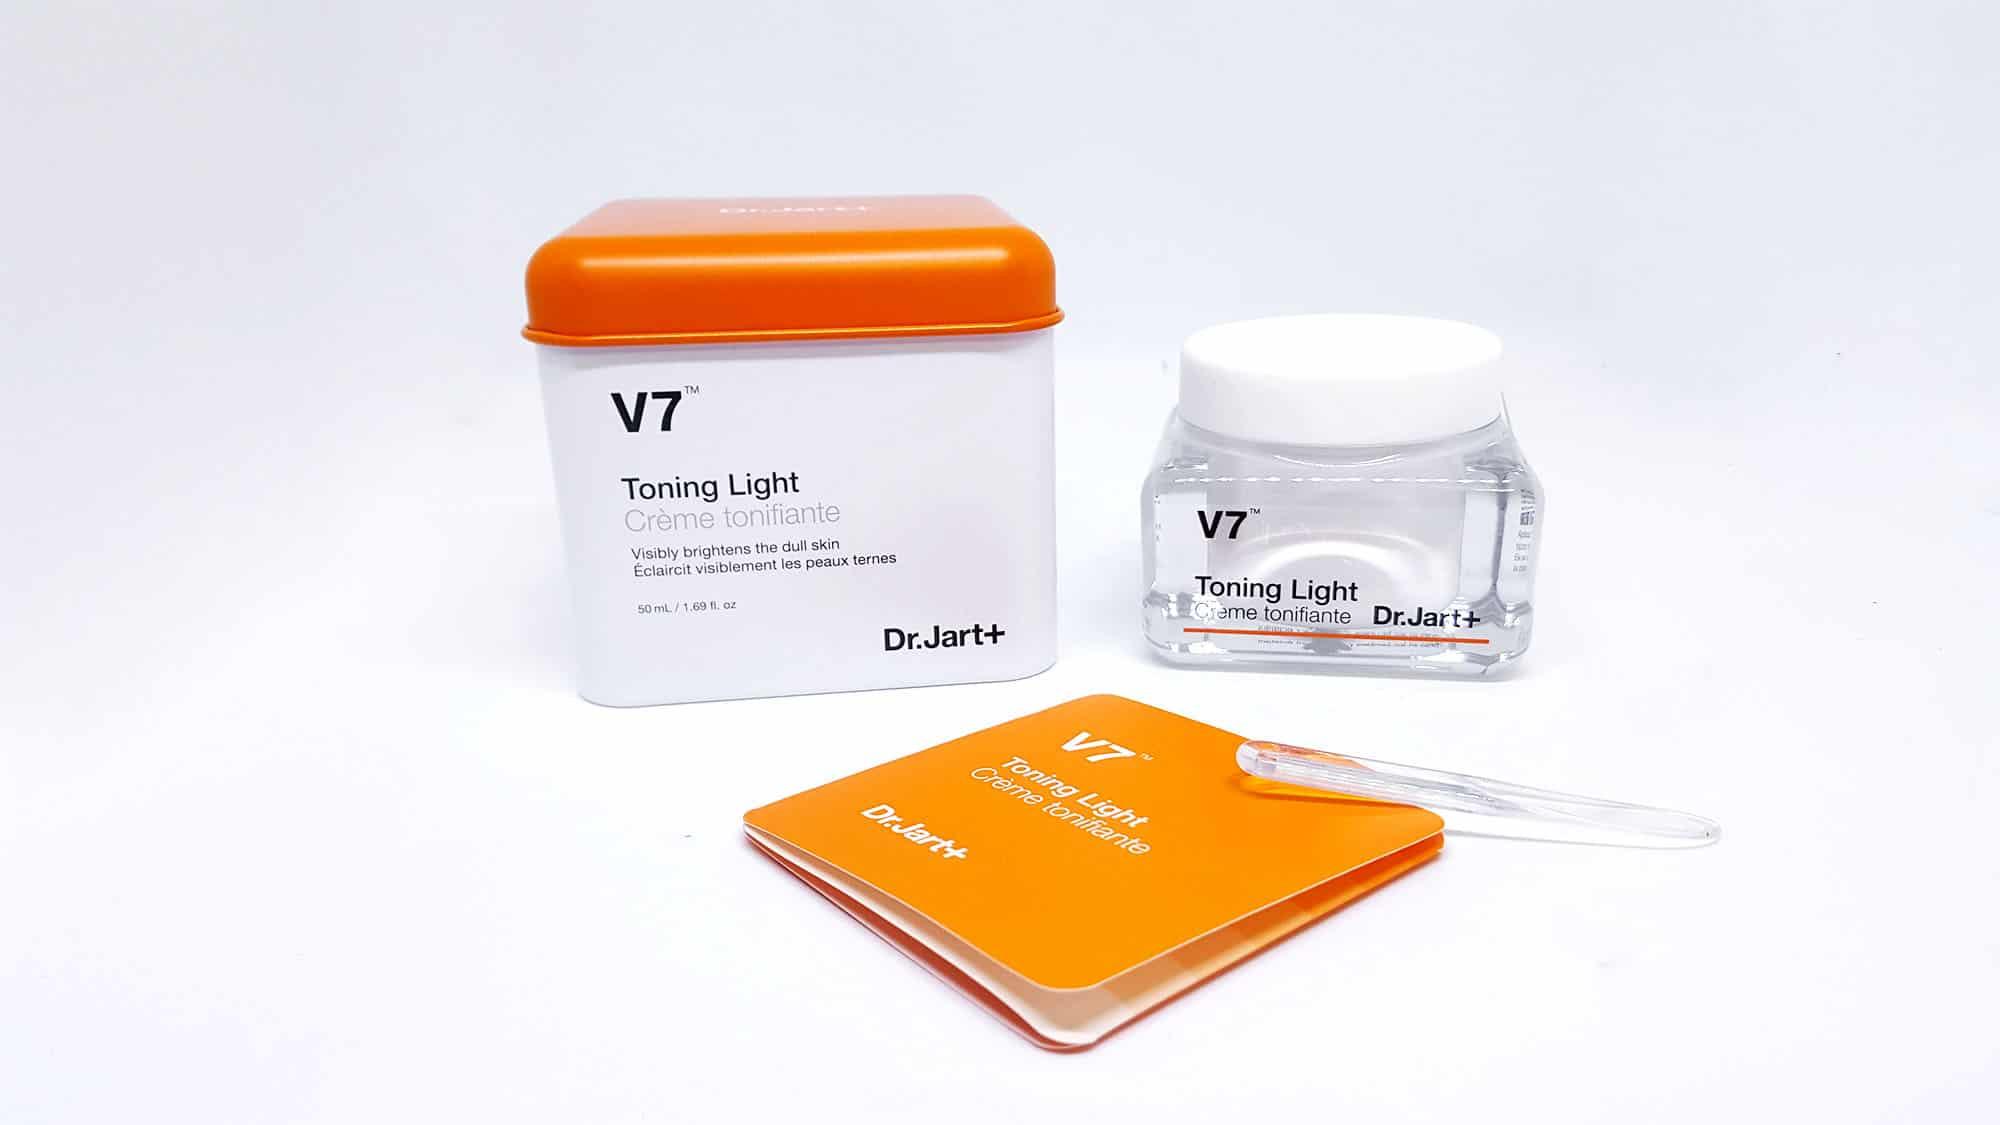 Trị thâm mụn cấp tốc V7 Toning Light Dr,Jart+